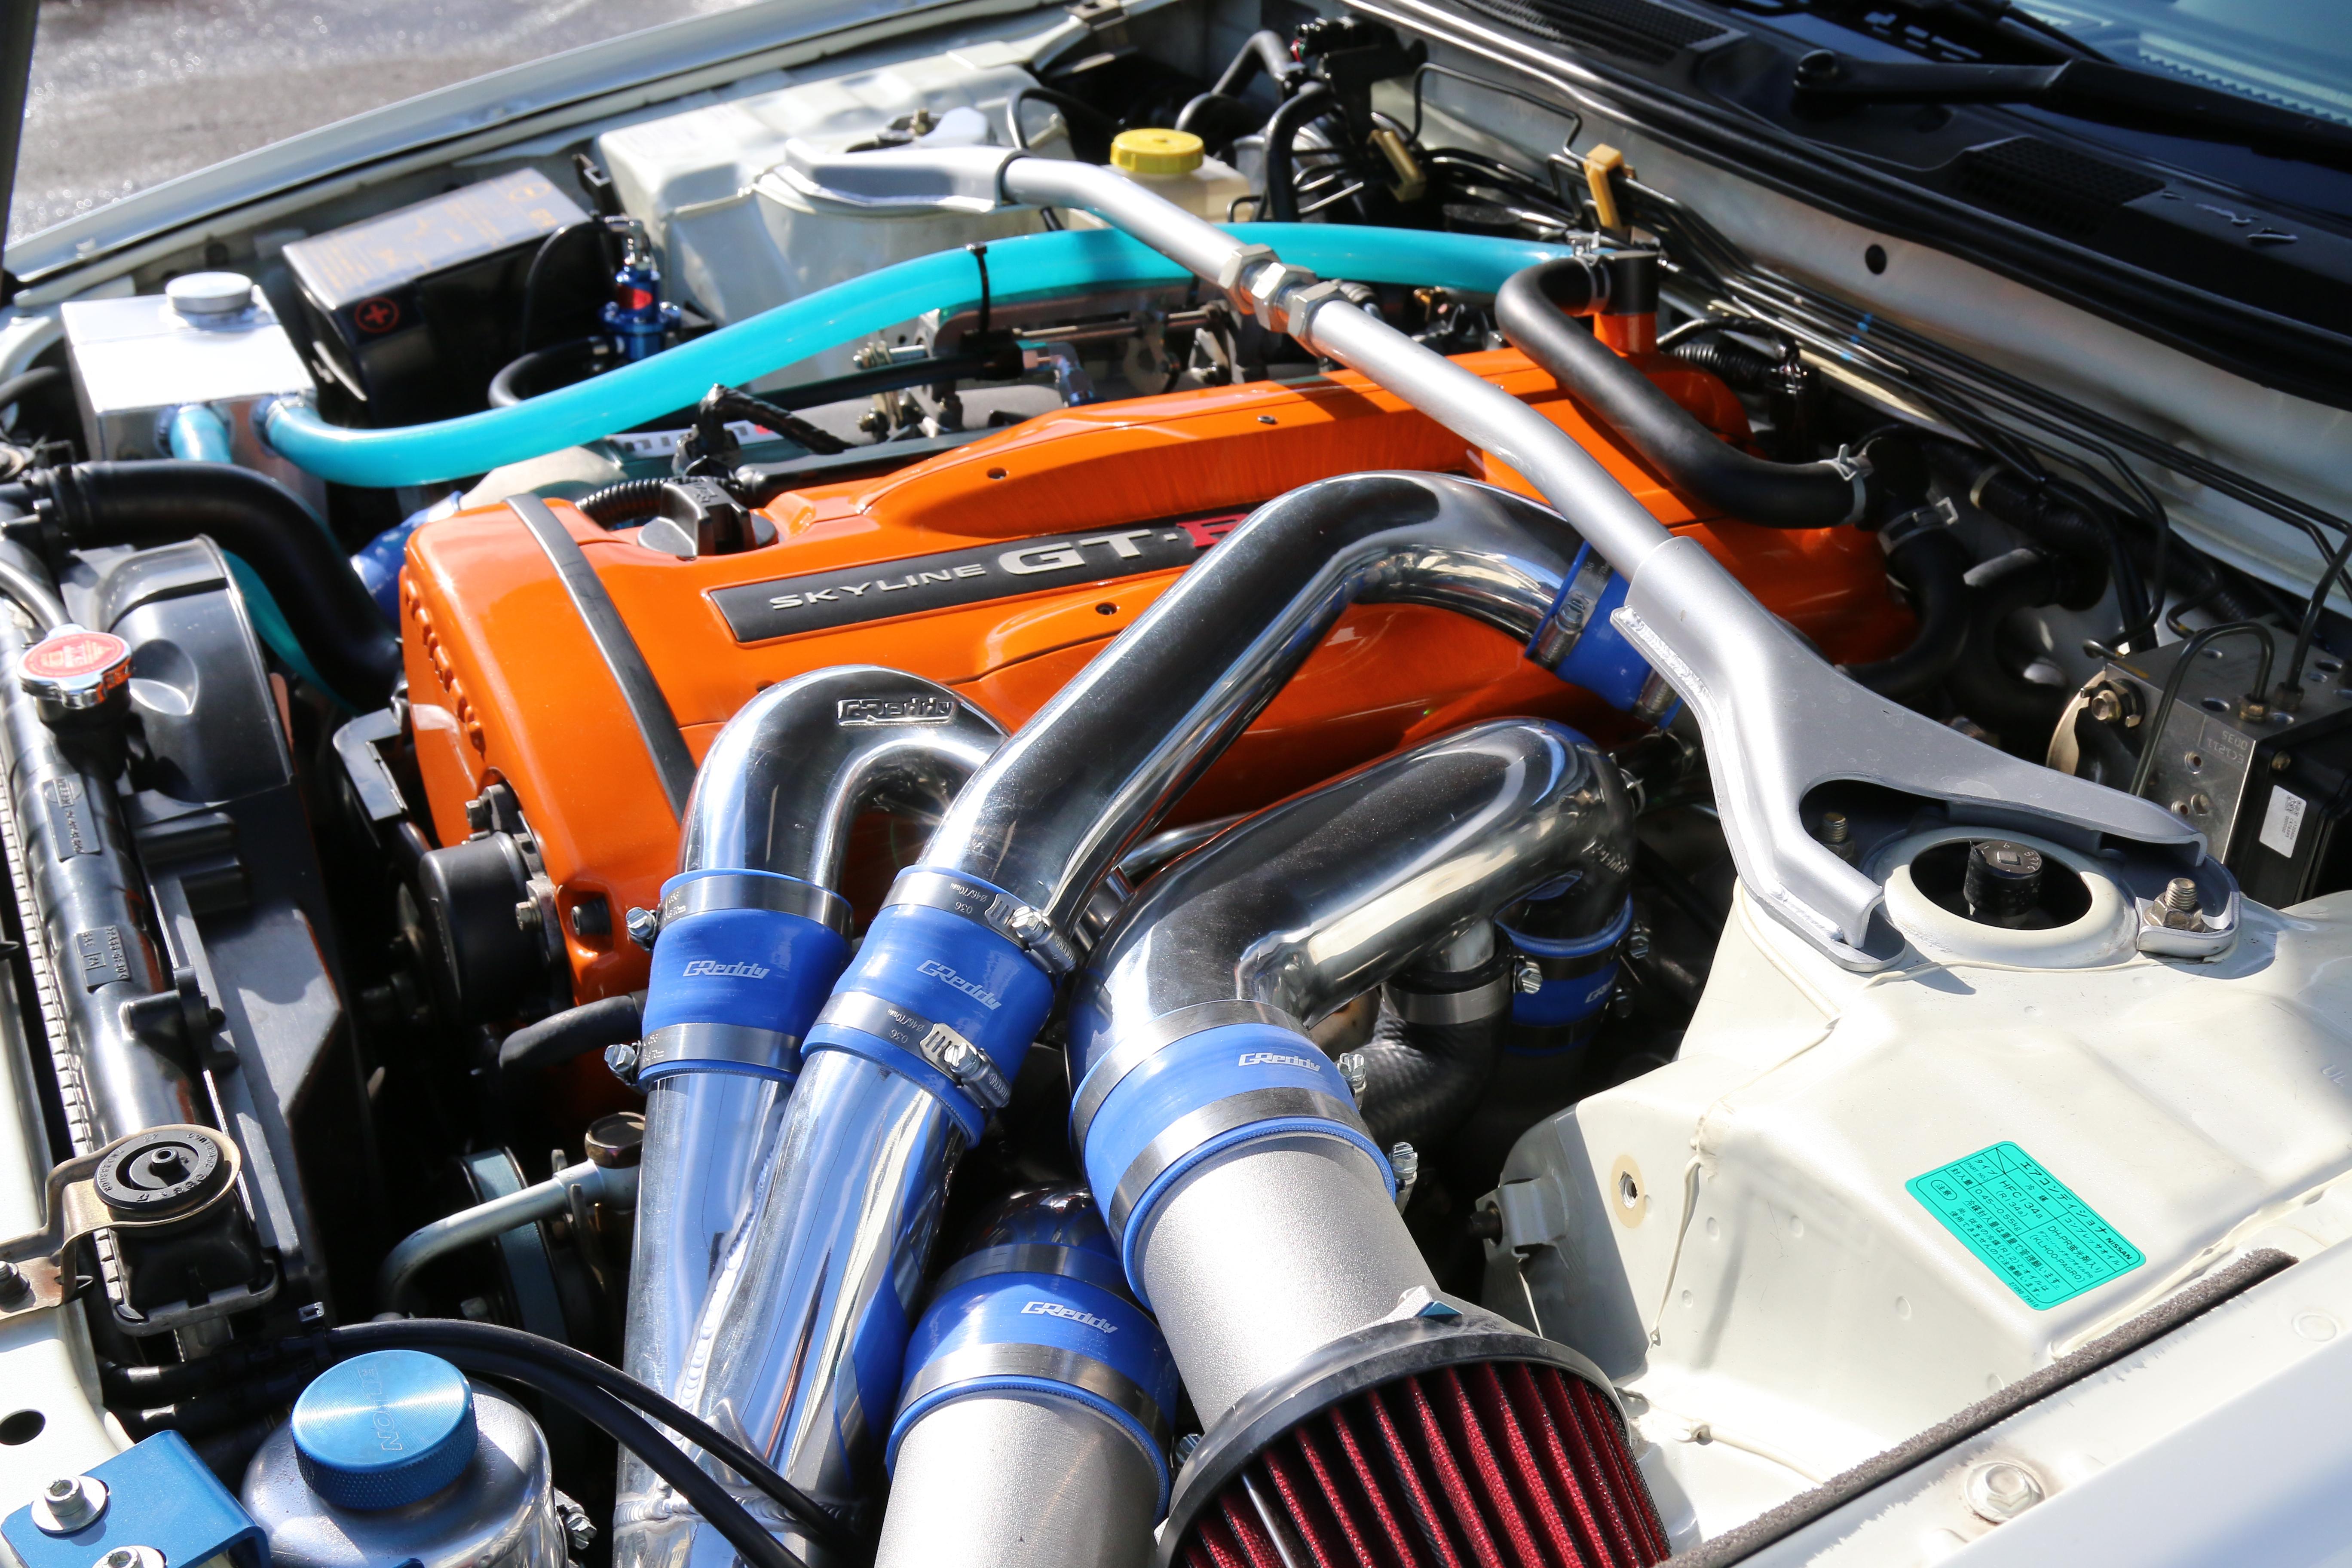 34GT-Rエンジンルーム